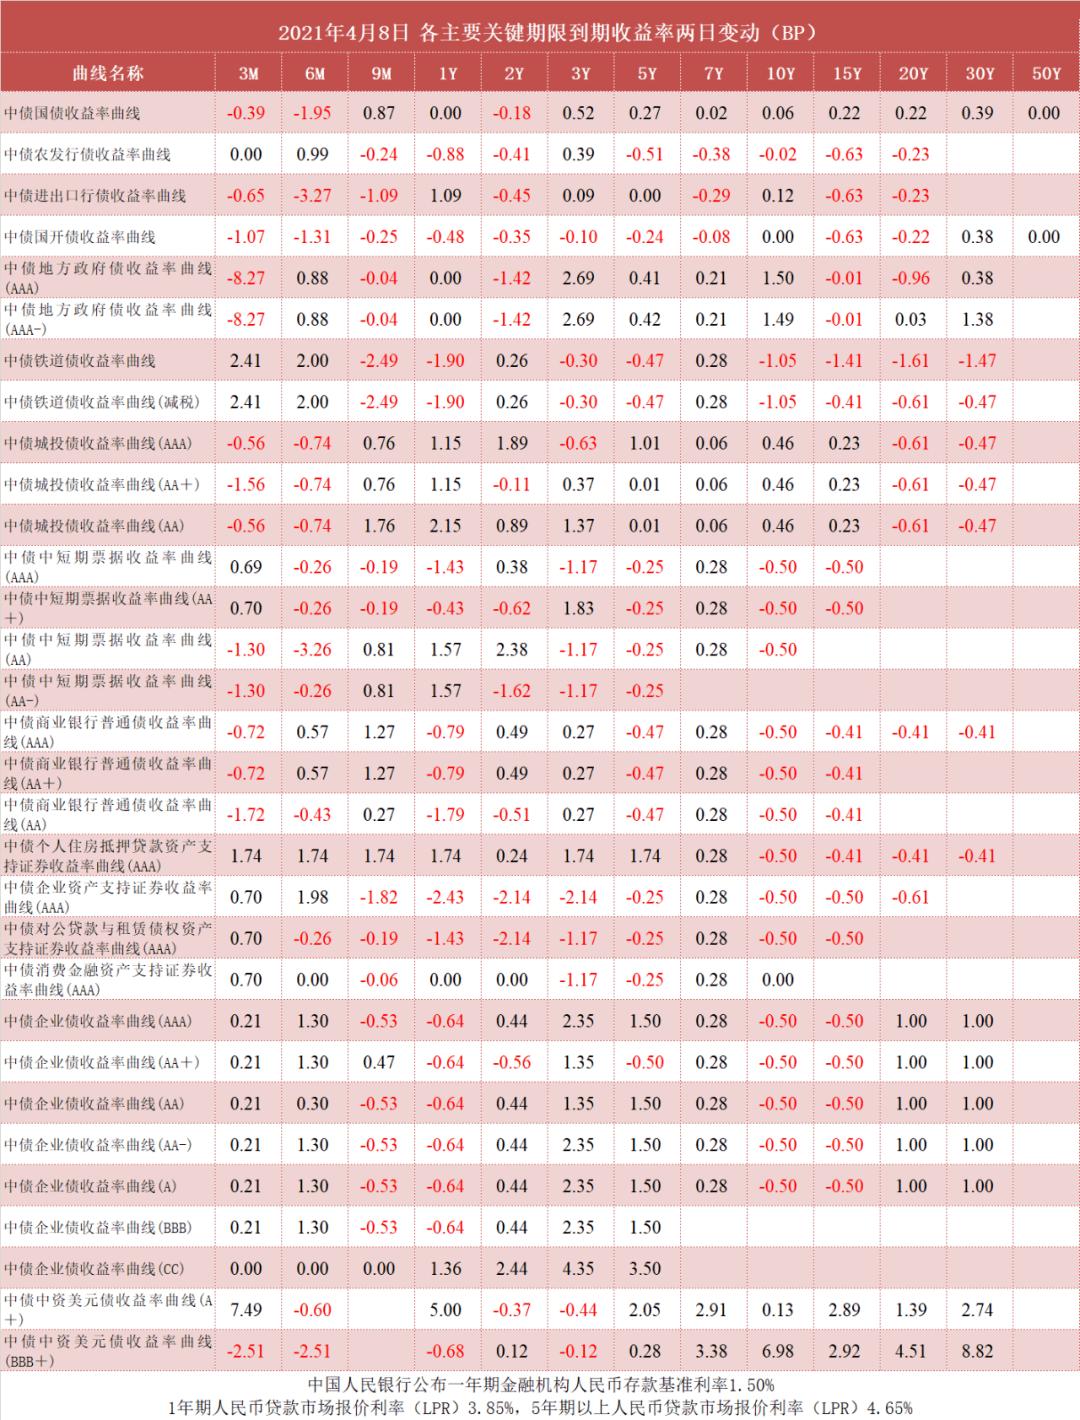 中债收益率曲线和指数日评2021年4月8日